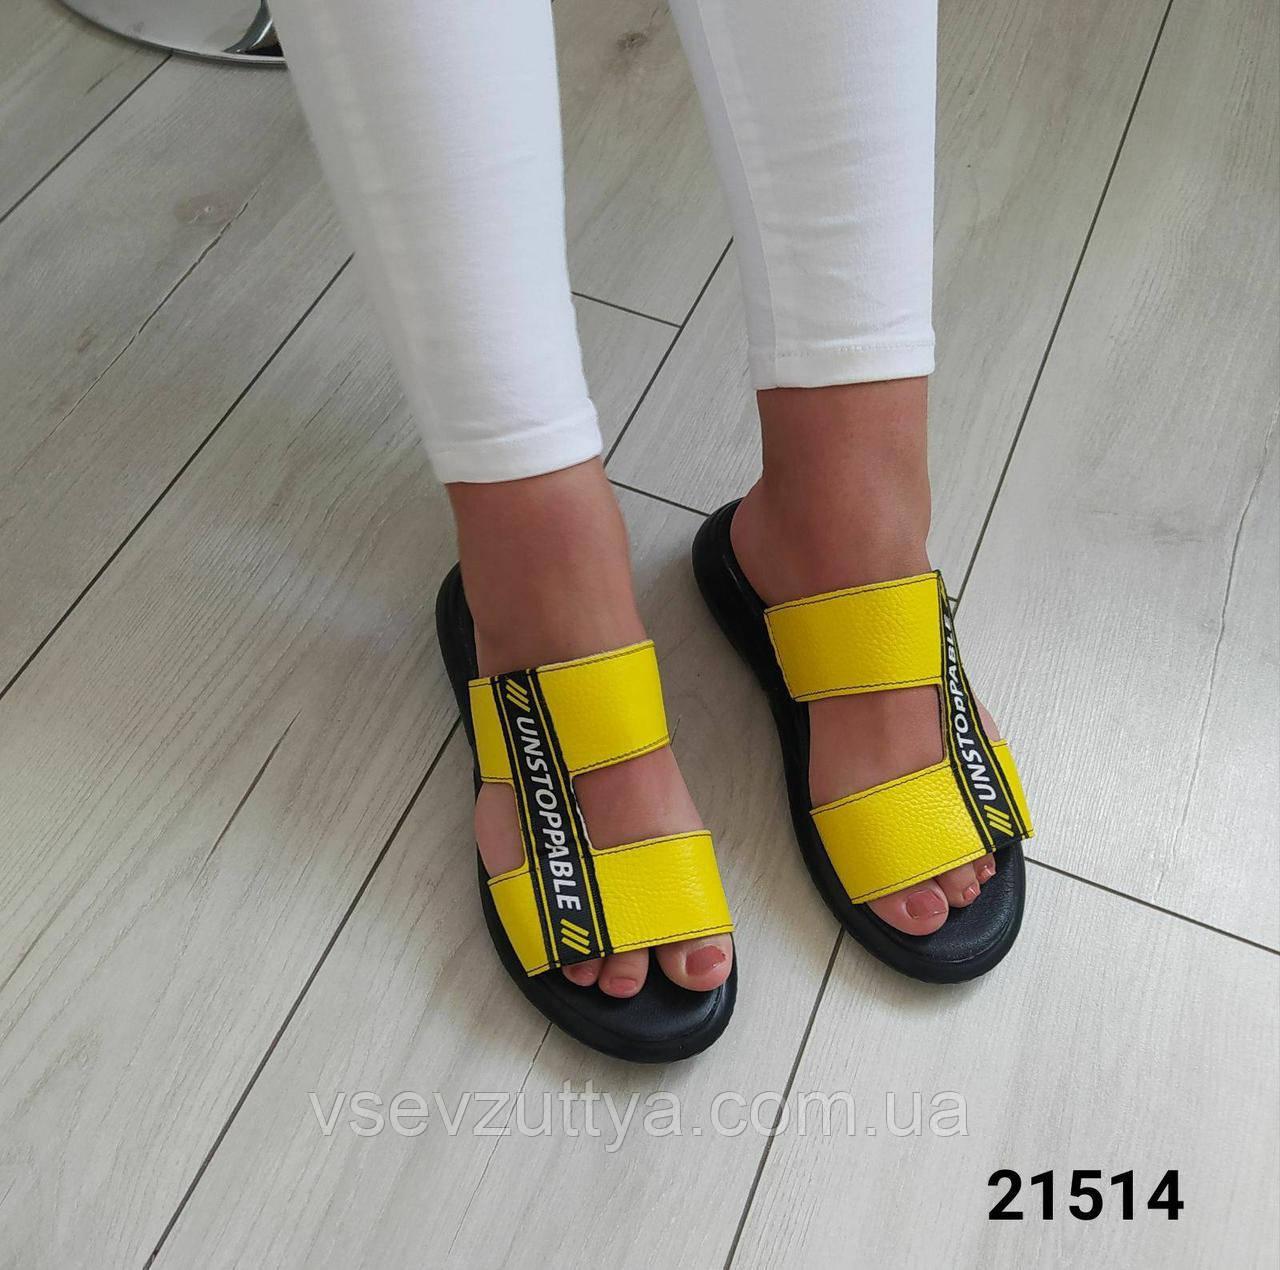 Шлепанцы кожаные женские на каблуке желтые